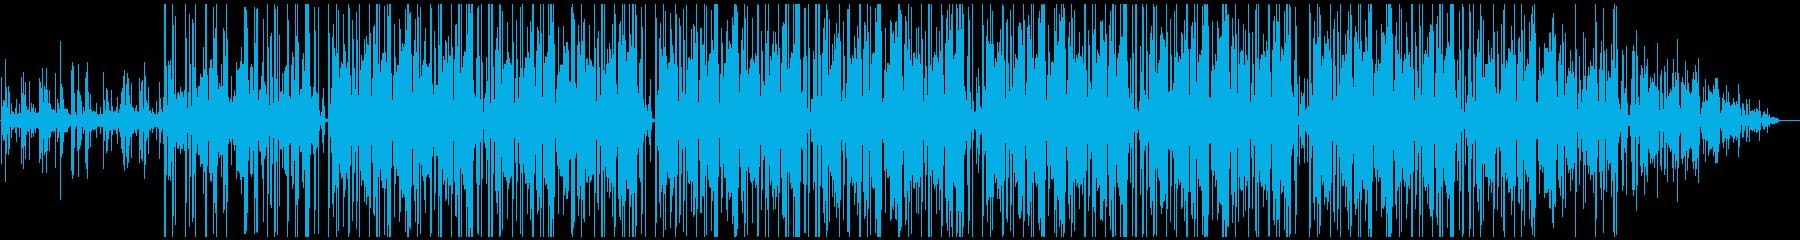 さようならをイメージしたLo-Fiの再生済みの波形